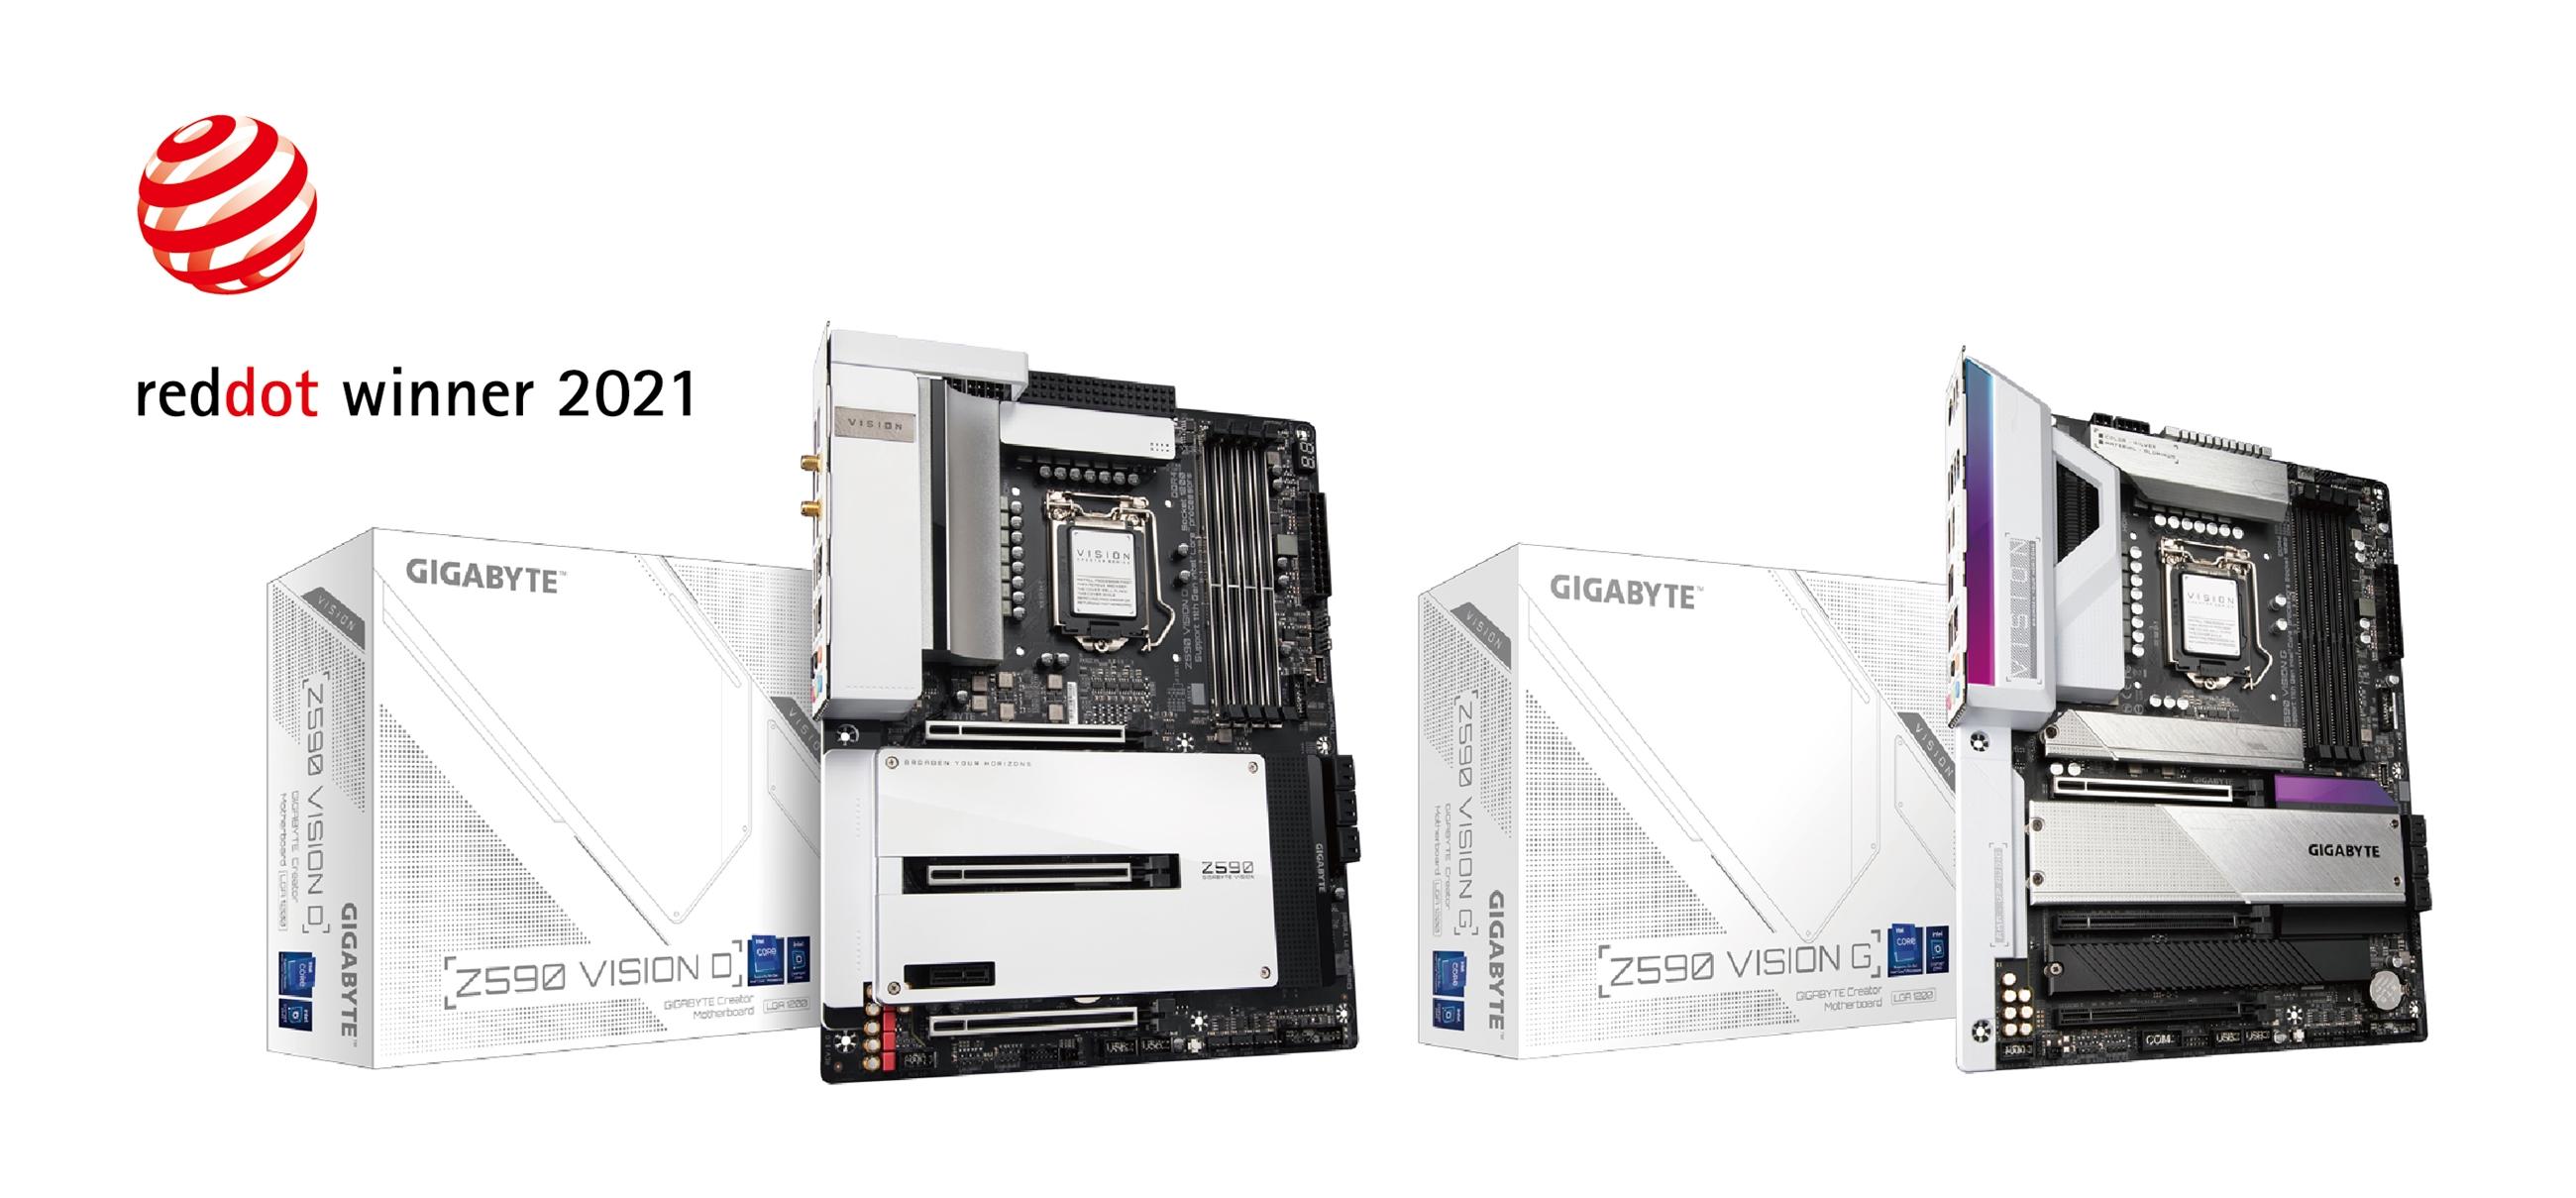 GIGABYTE đoạt giải thiết kế Red Dot hạng mục Bo mạch chủ dành cho nhà sáng tạo nội dung và Card đồ họa chơi game